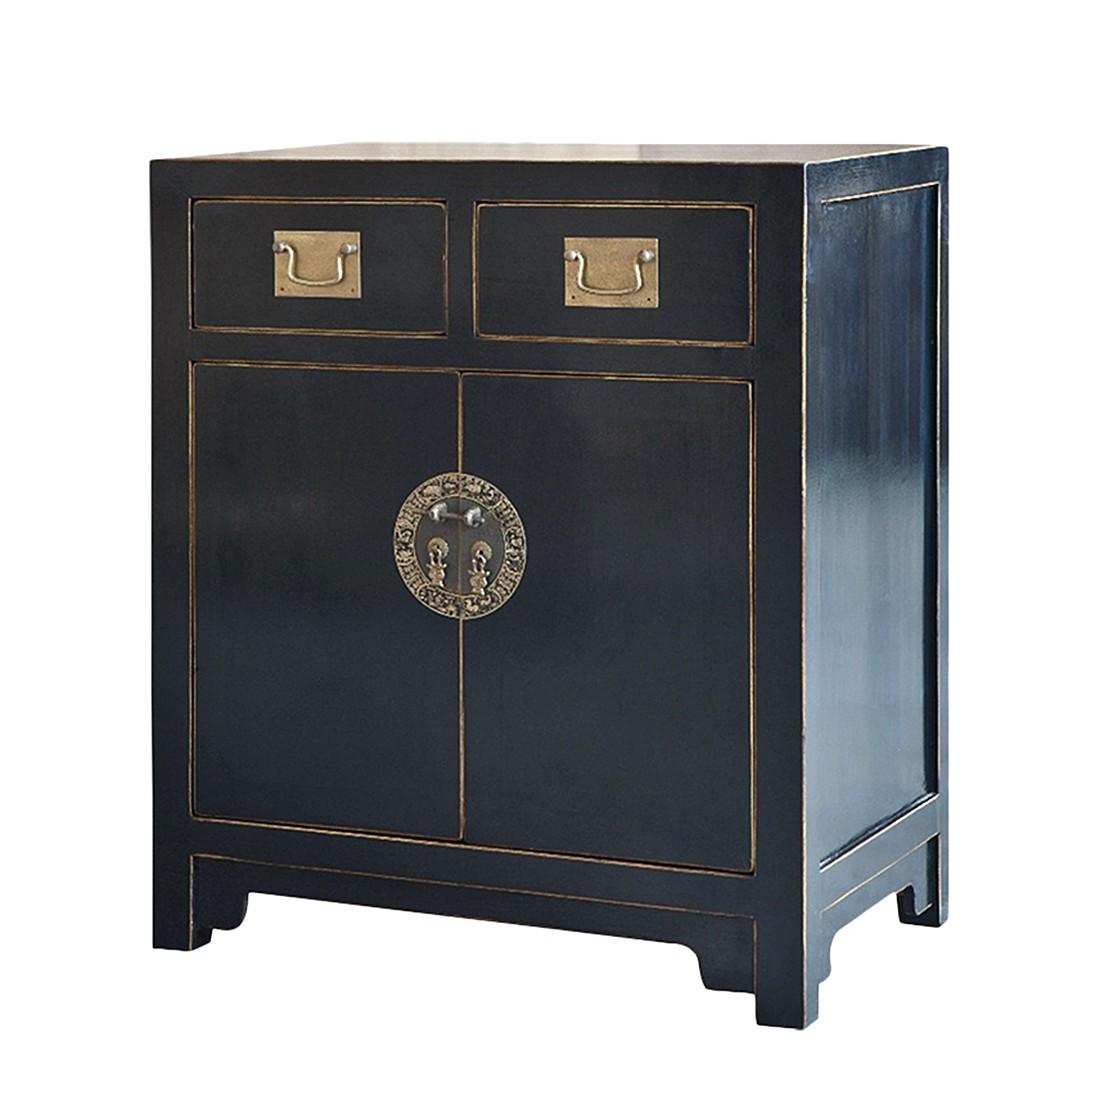 kommode jinan i pappel massiv schwarz lackiert. Black Bedroom Furniture Sets. Home Design Ideas